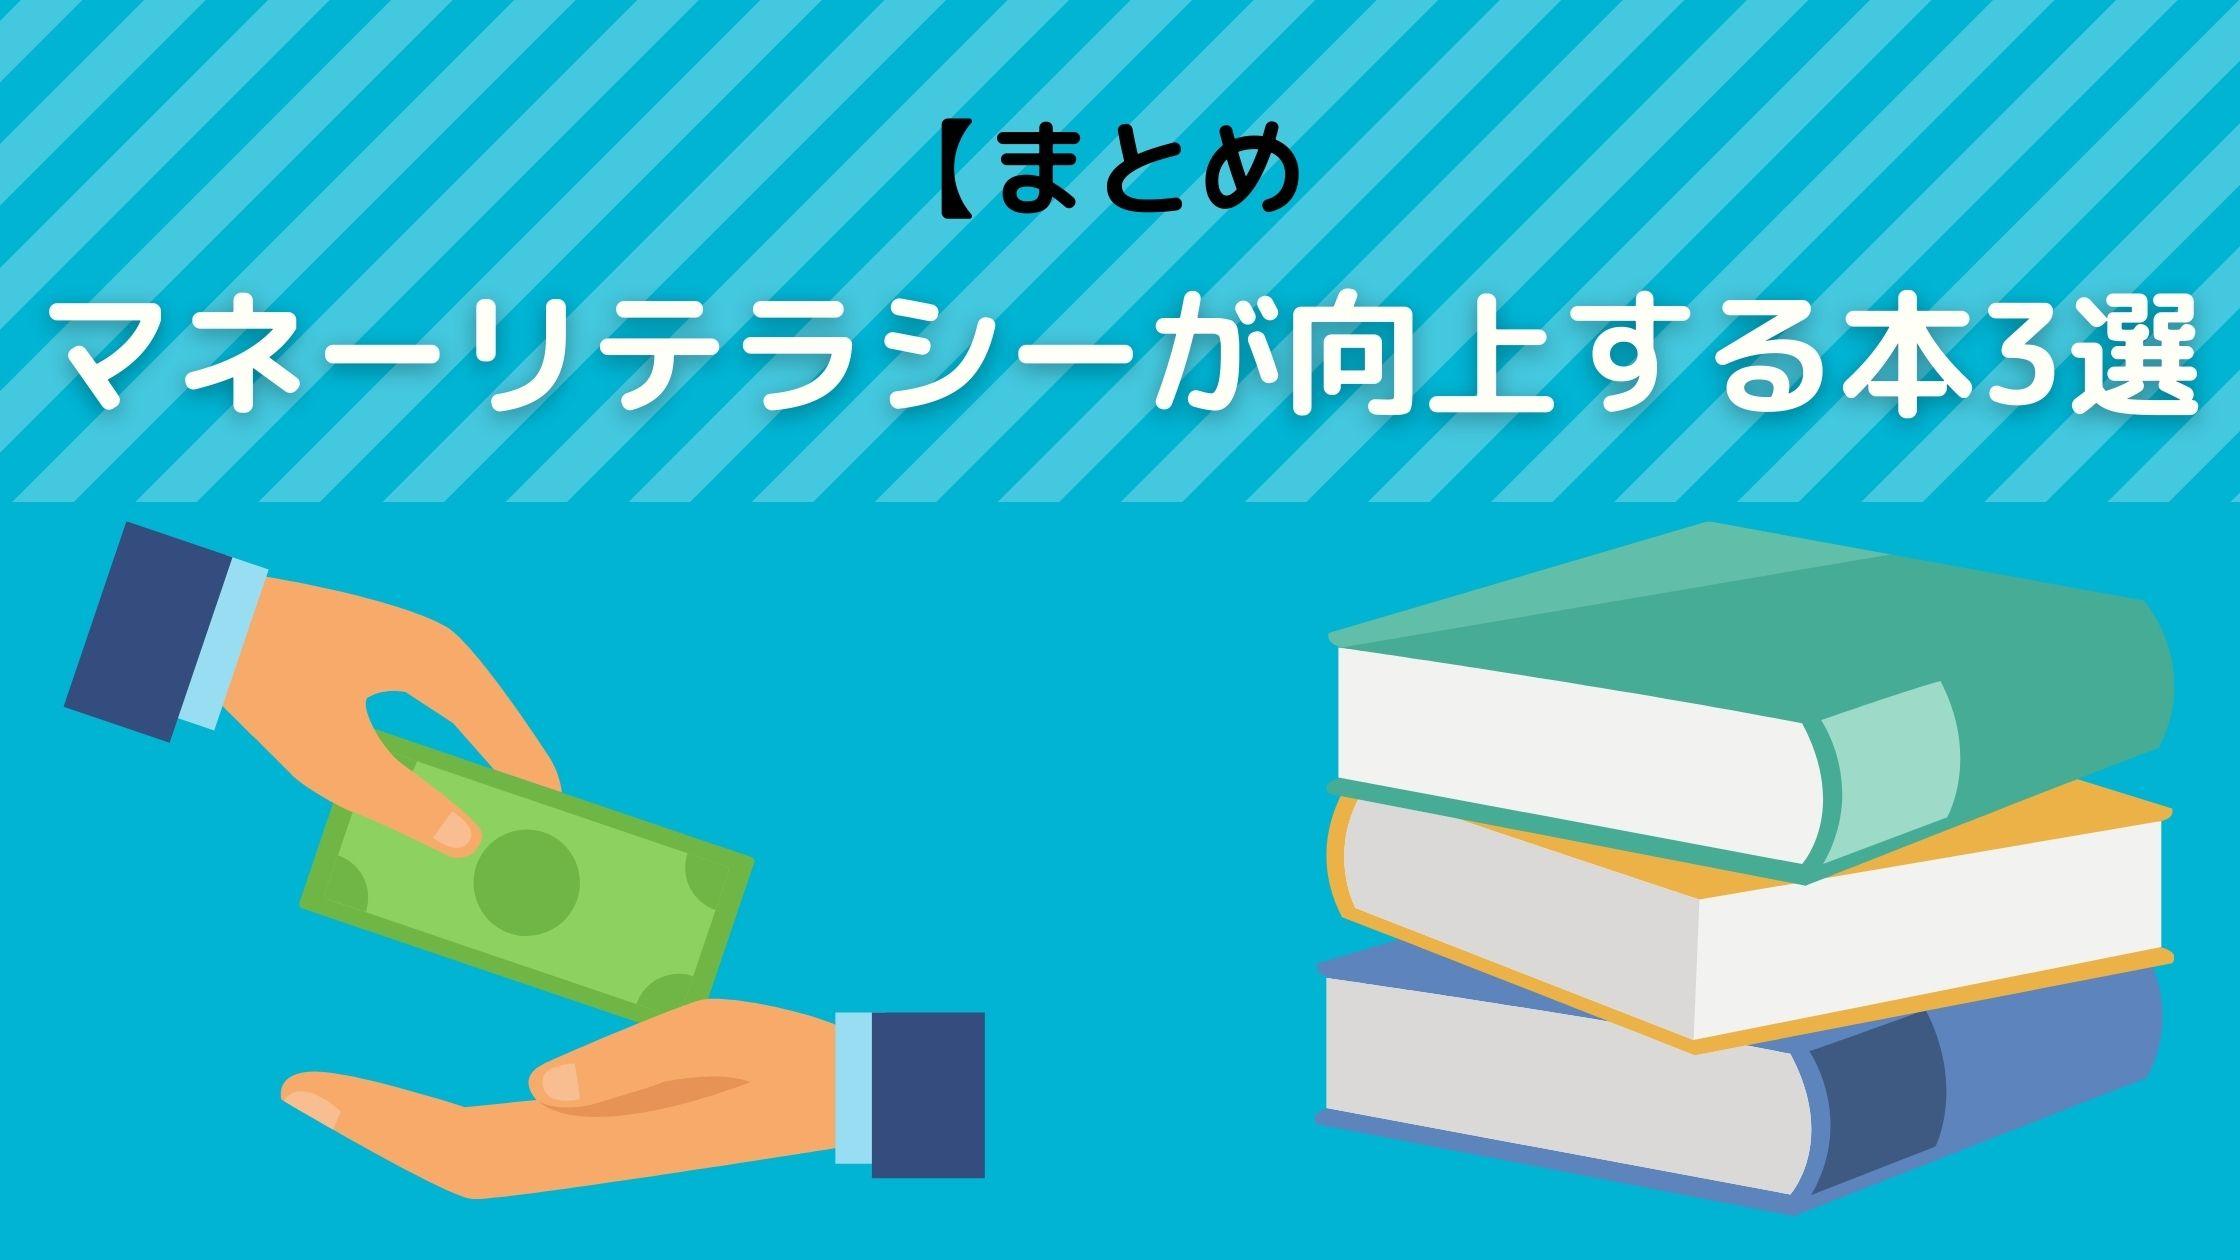 【まとめ】マネーリテラシーが向上する本3選